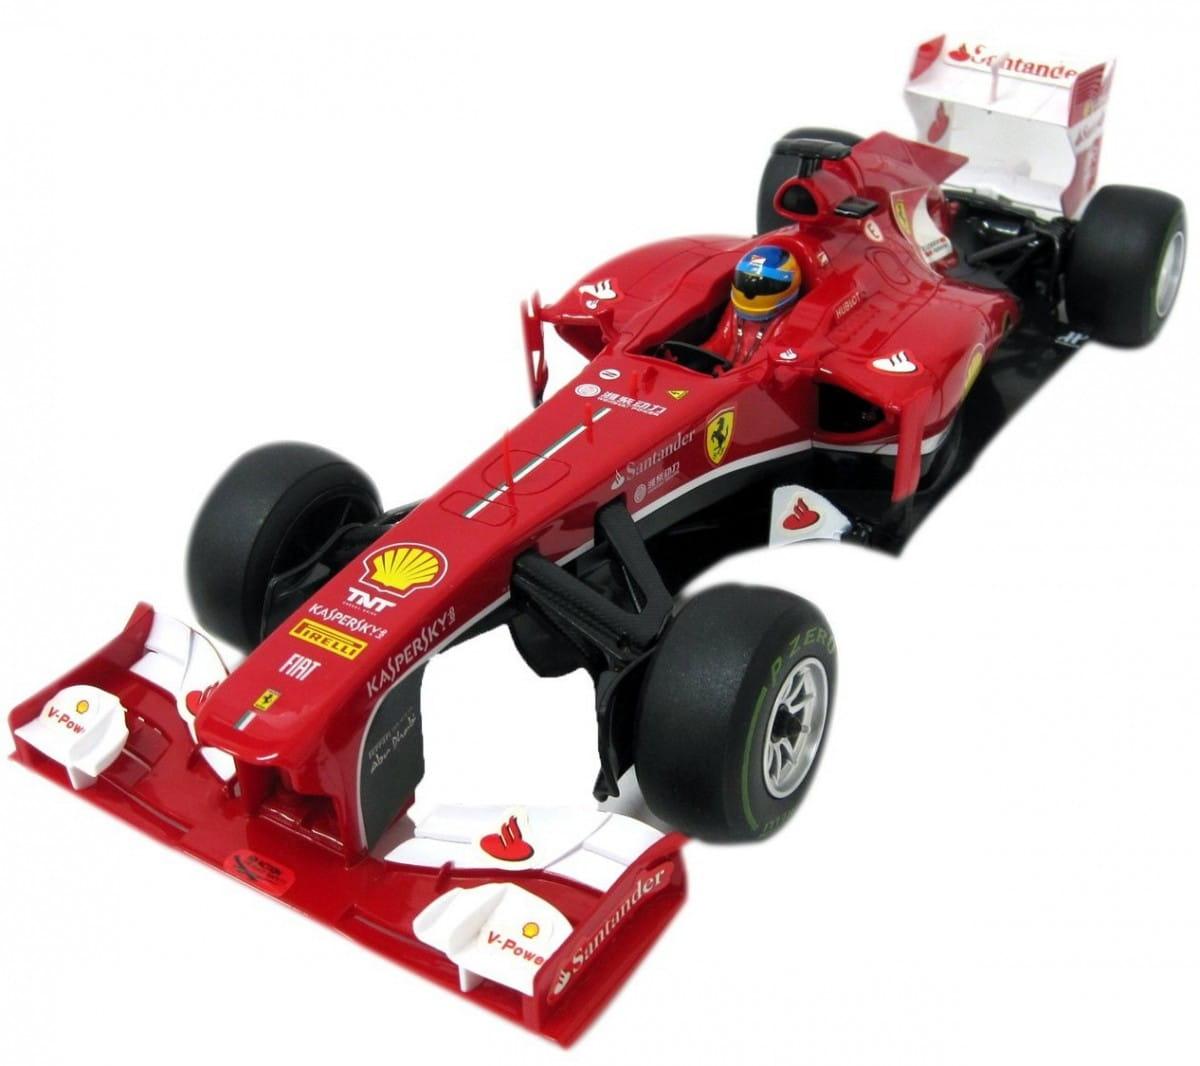 Радиоуправляемая машина Rastar 53800 Ferrari F1 1:18